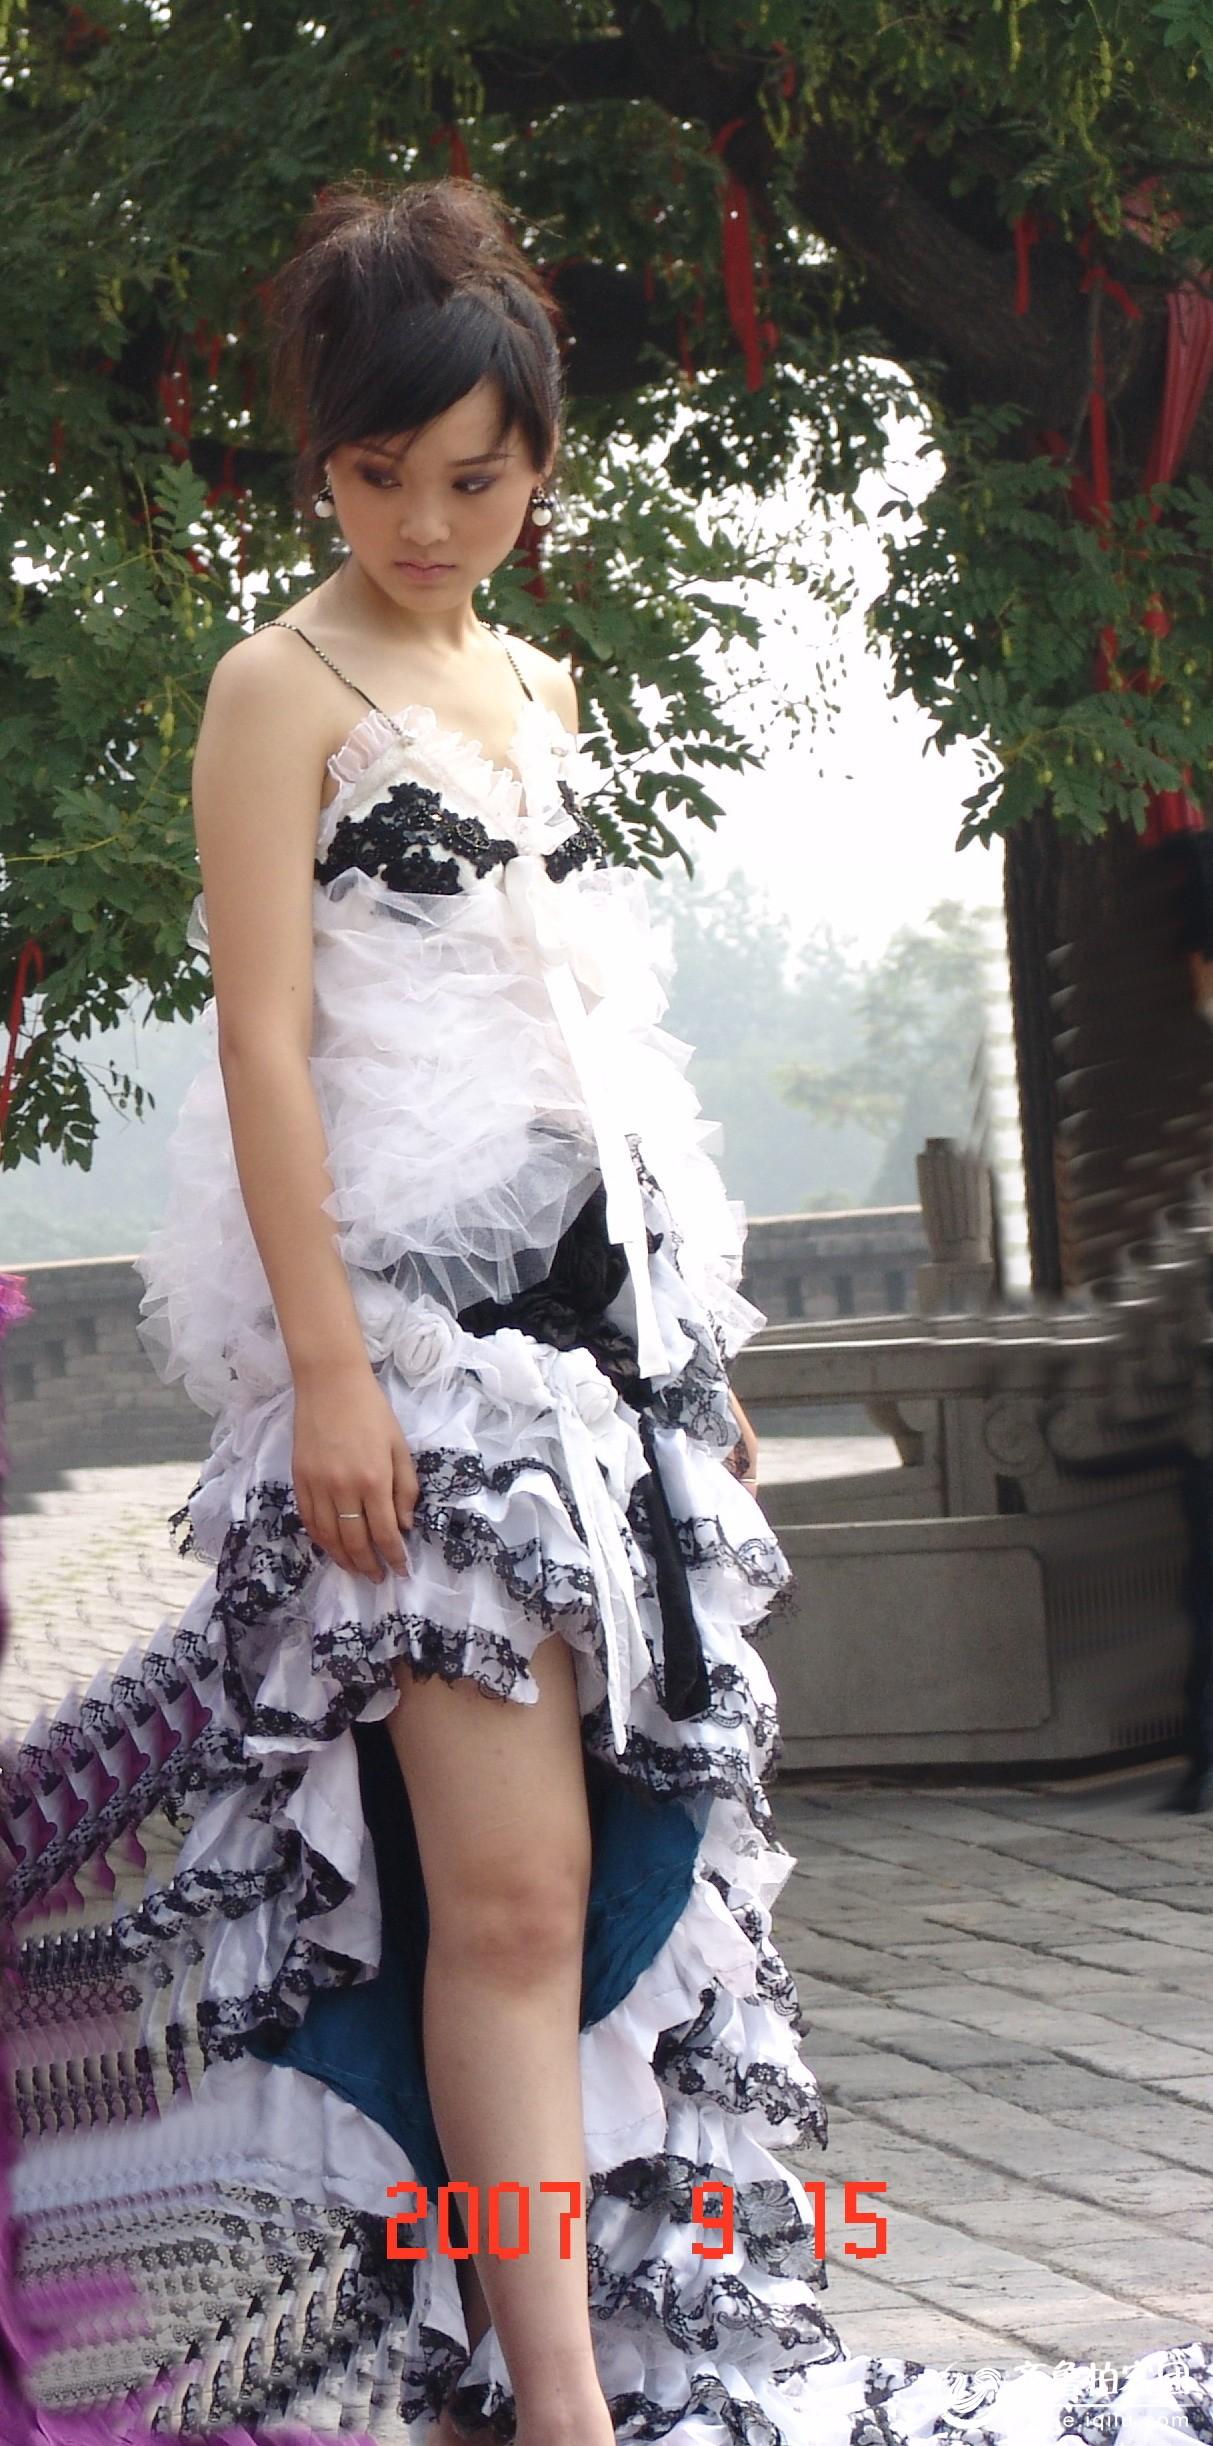 邯郸丛台公园的美女模特